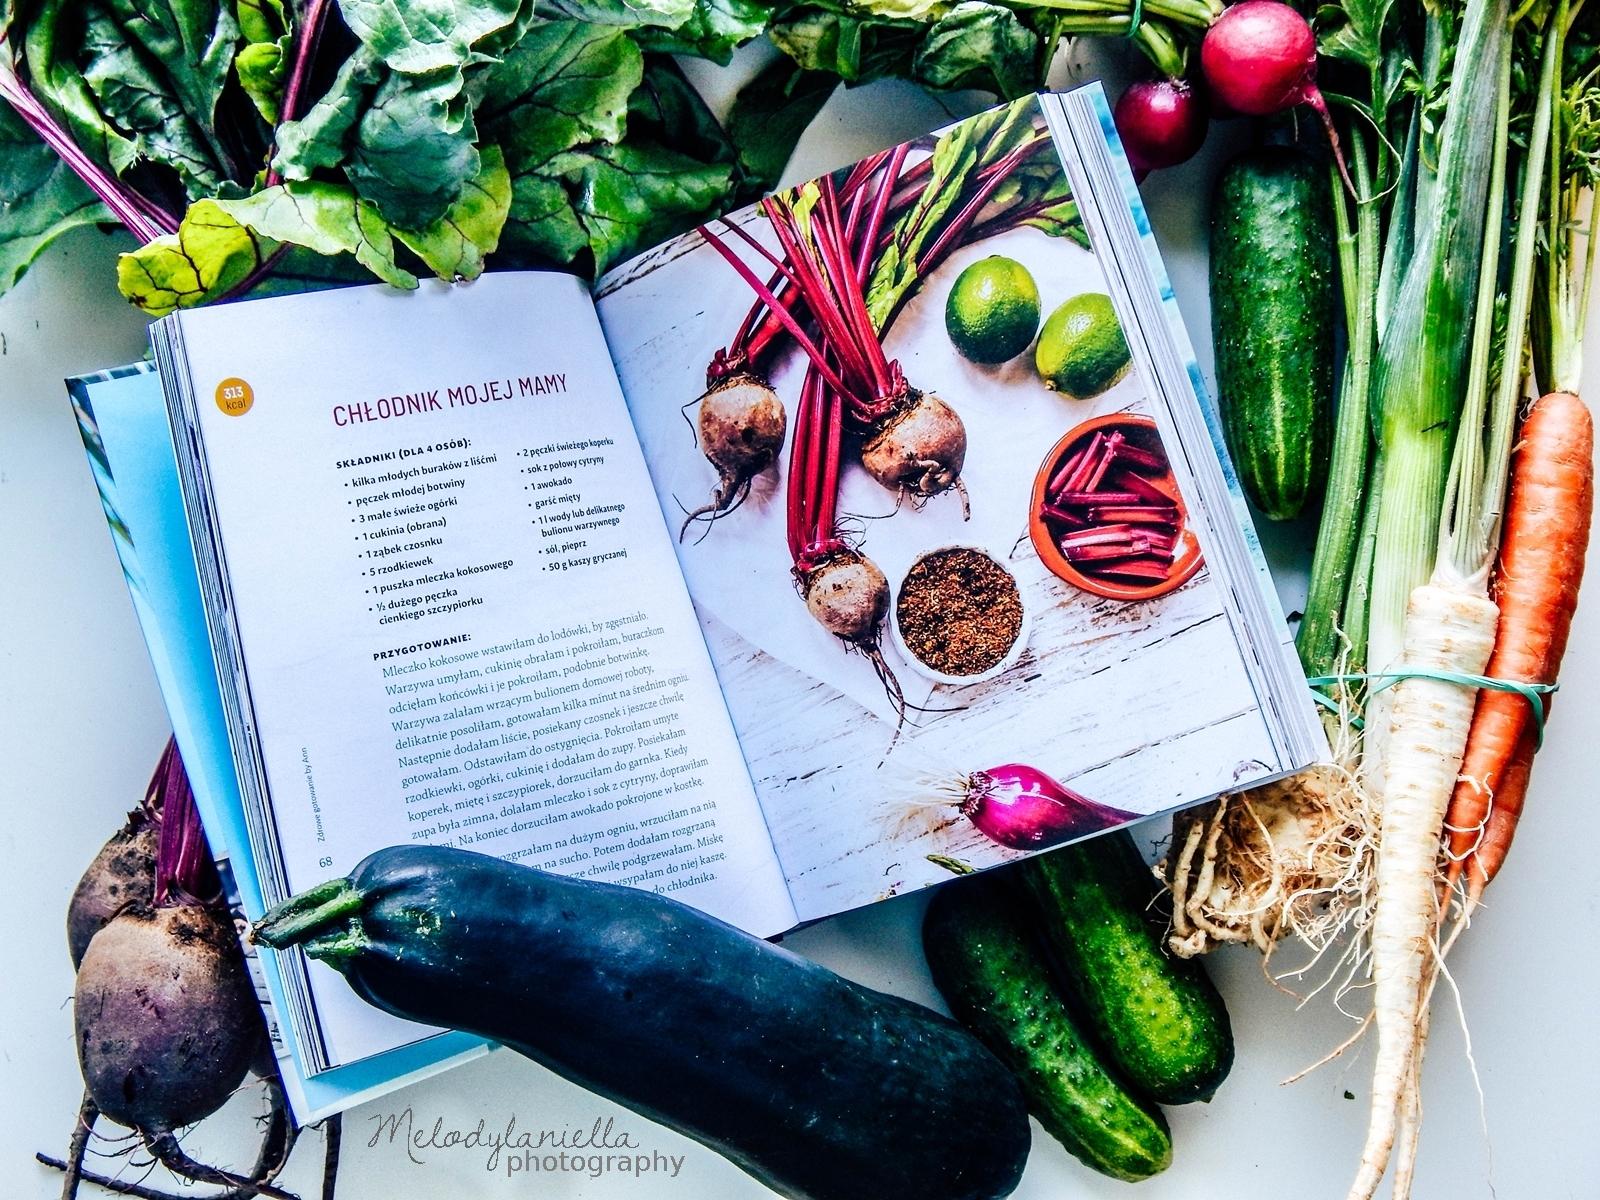 zdrowe gotowanie by ann anna lewandowska ksiazka kucharska recenzja melodylaniella jedzenie zdrowe ozywianie dieta porady fit health sportowa dieta.jpg burda chlodnik